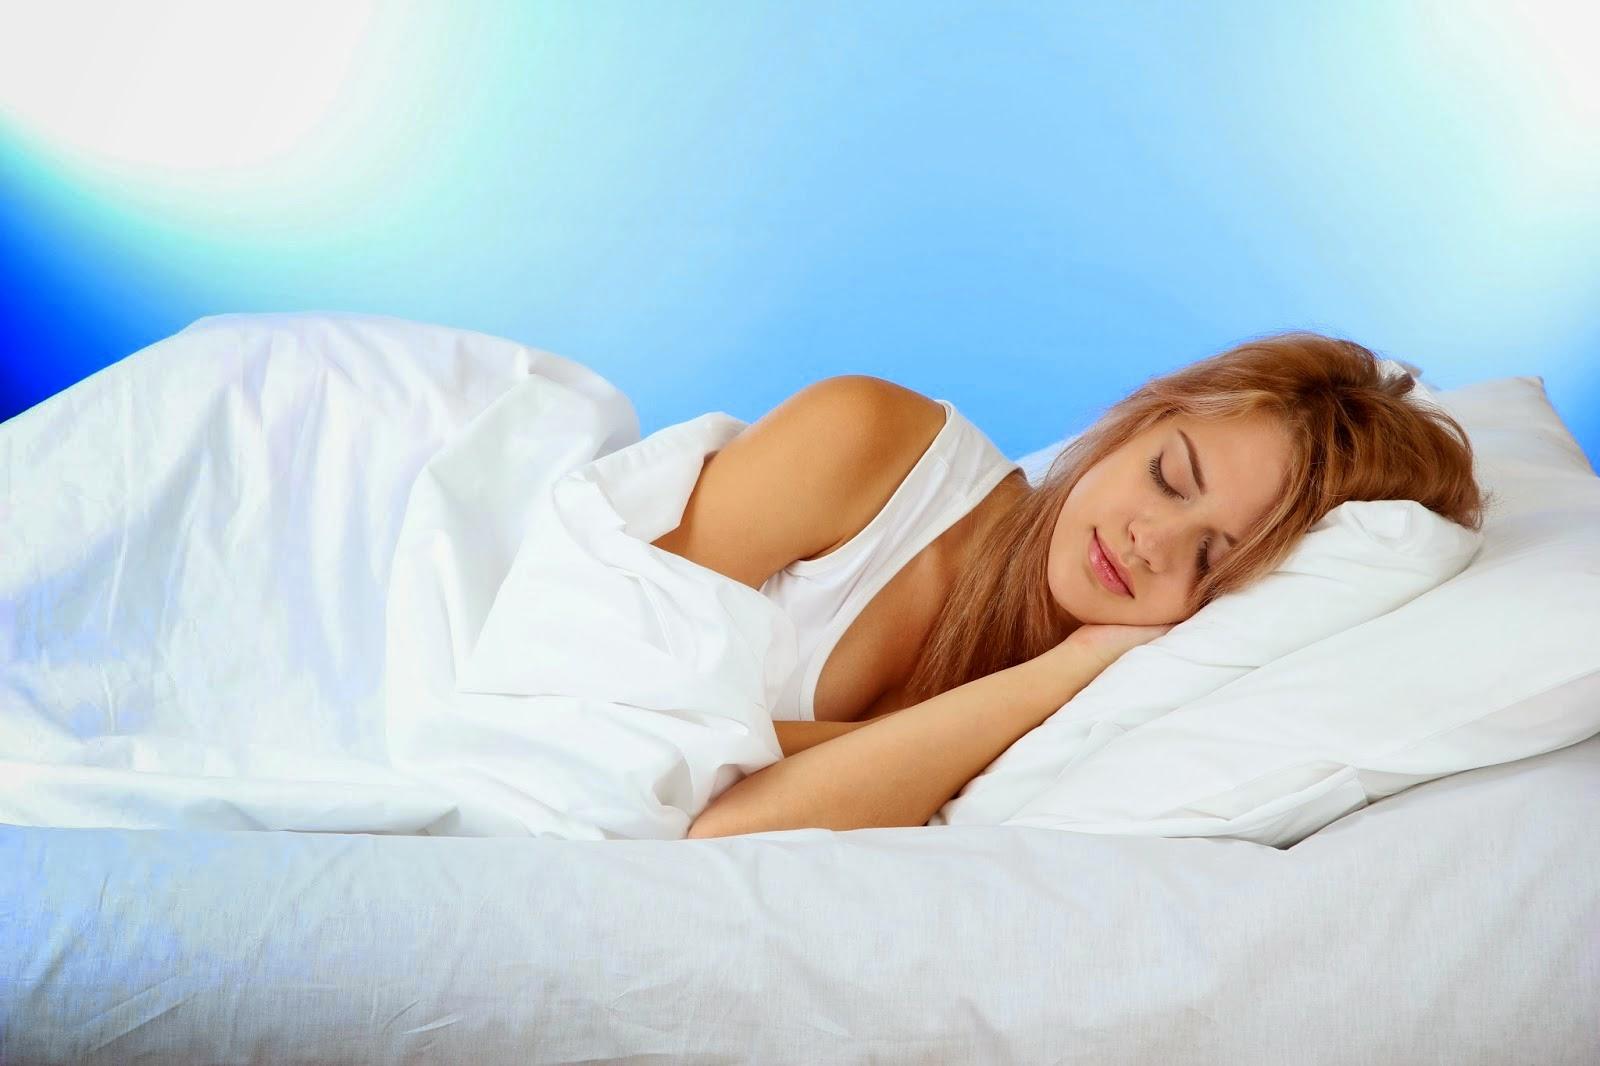 Спящая молодая девушка 20 фотография